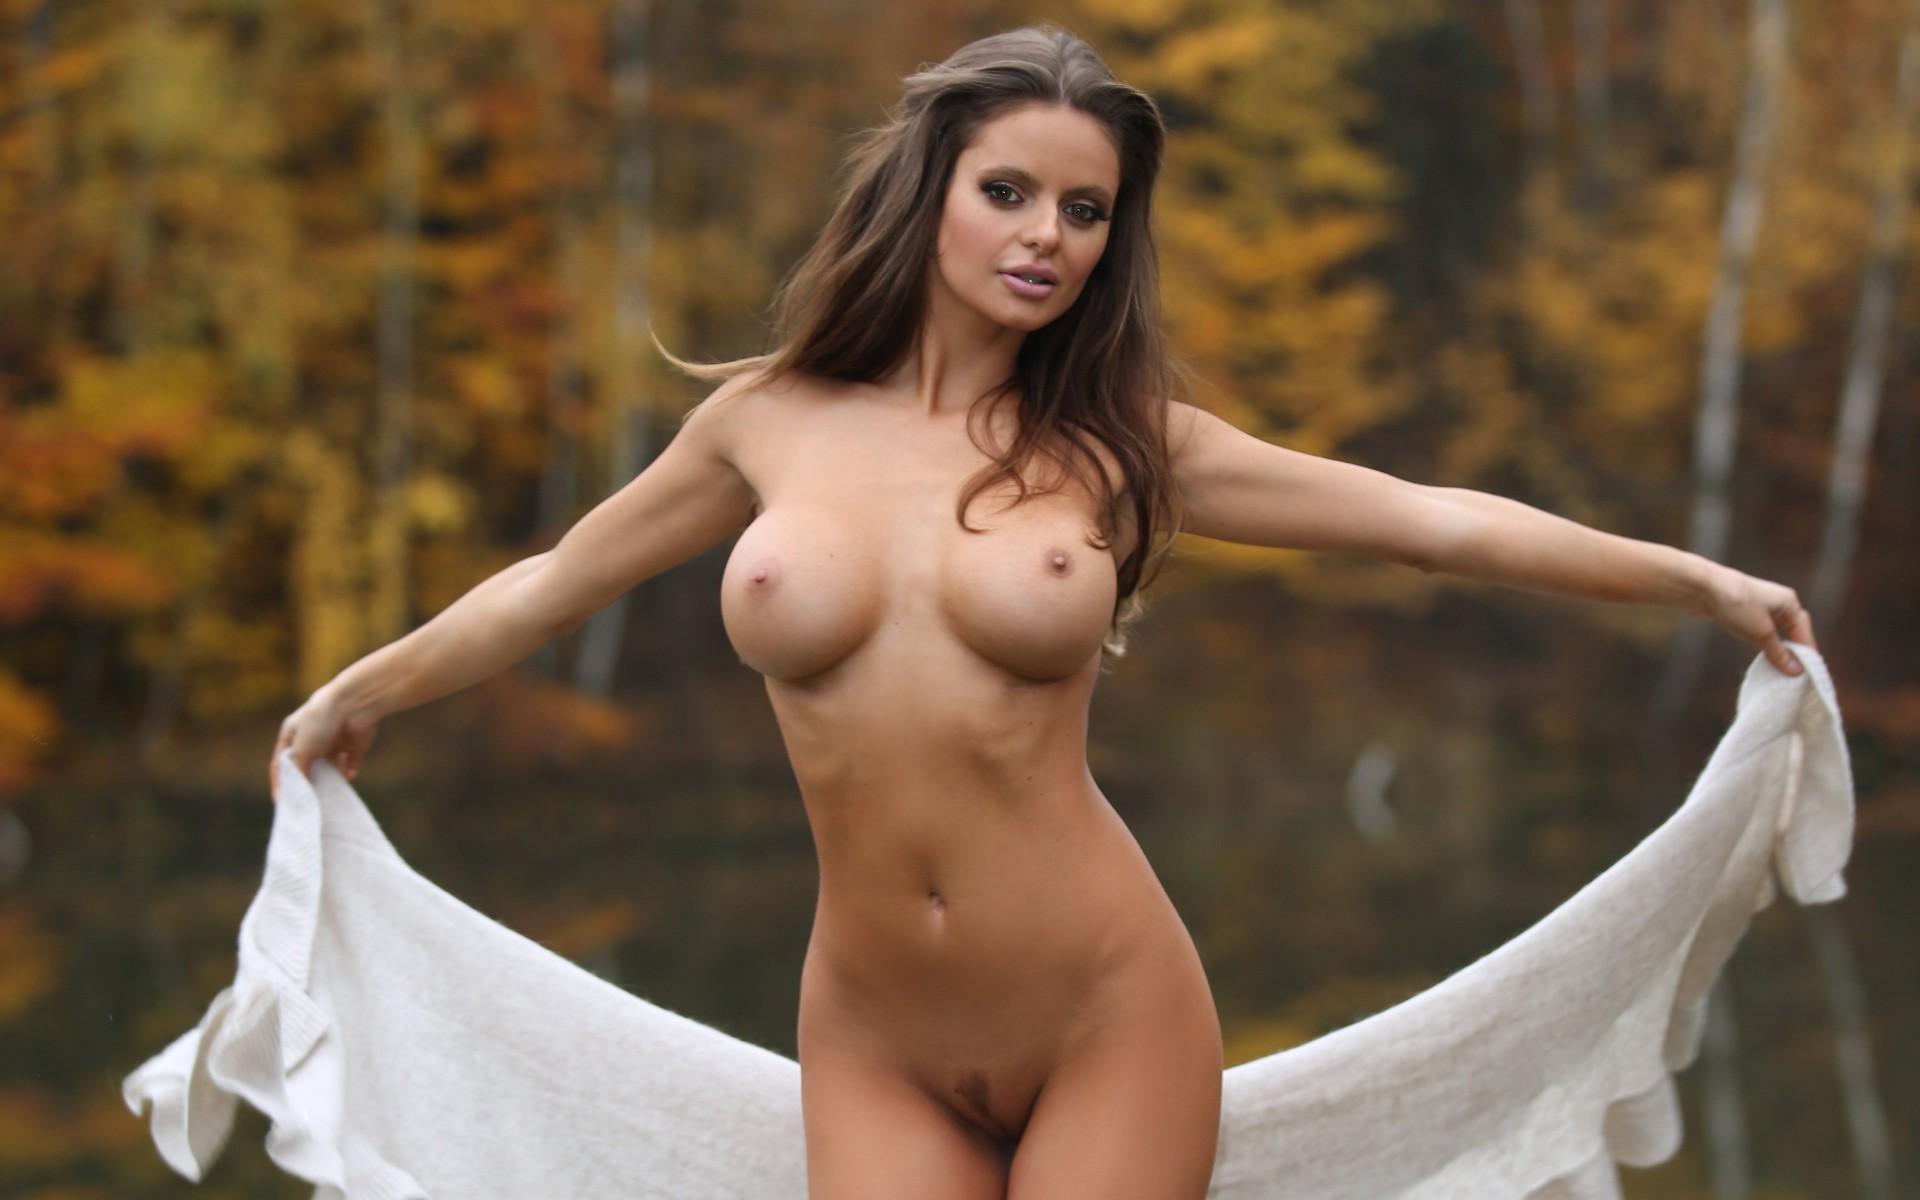 Красивые Девушки Голые Фото Бесплатно Просмотра